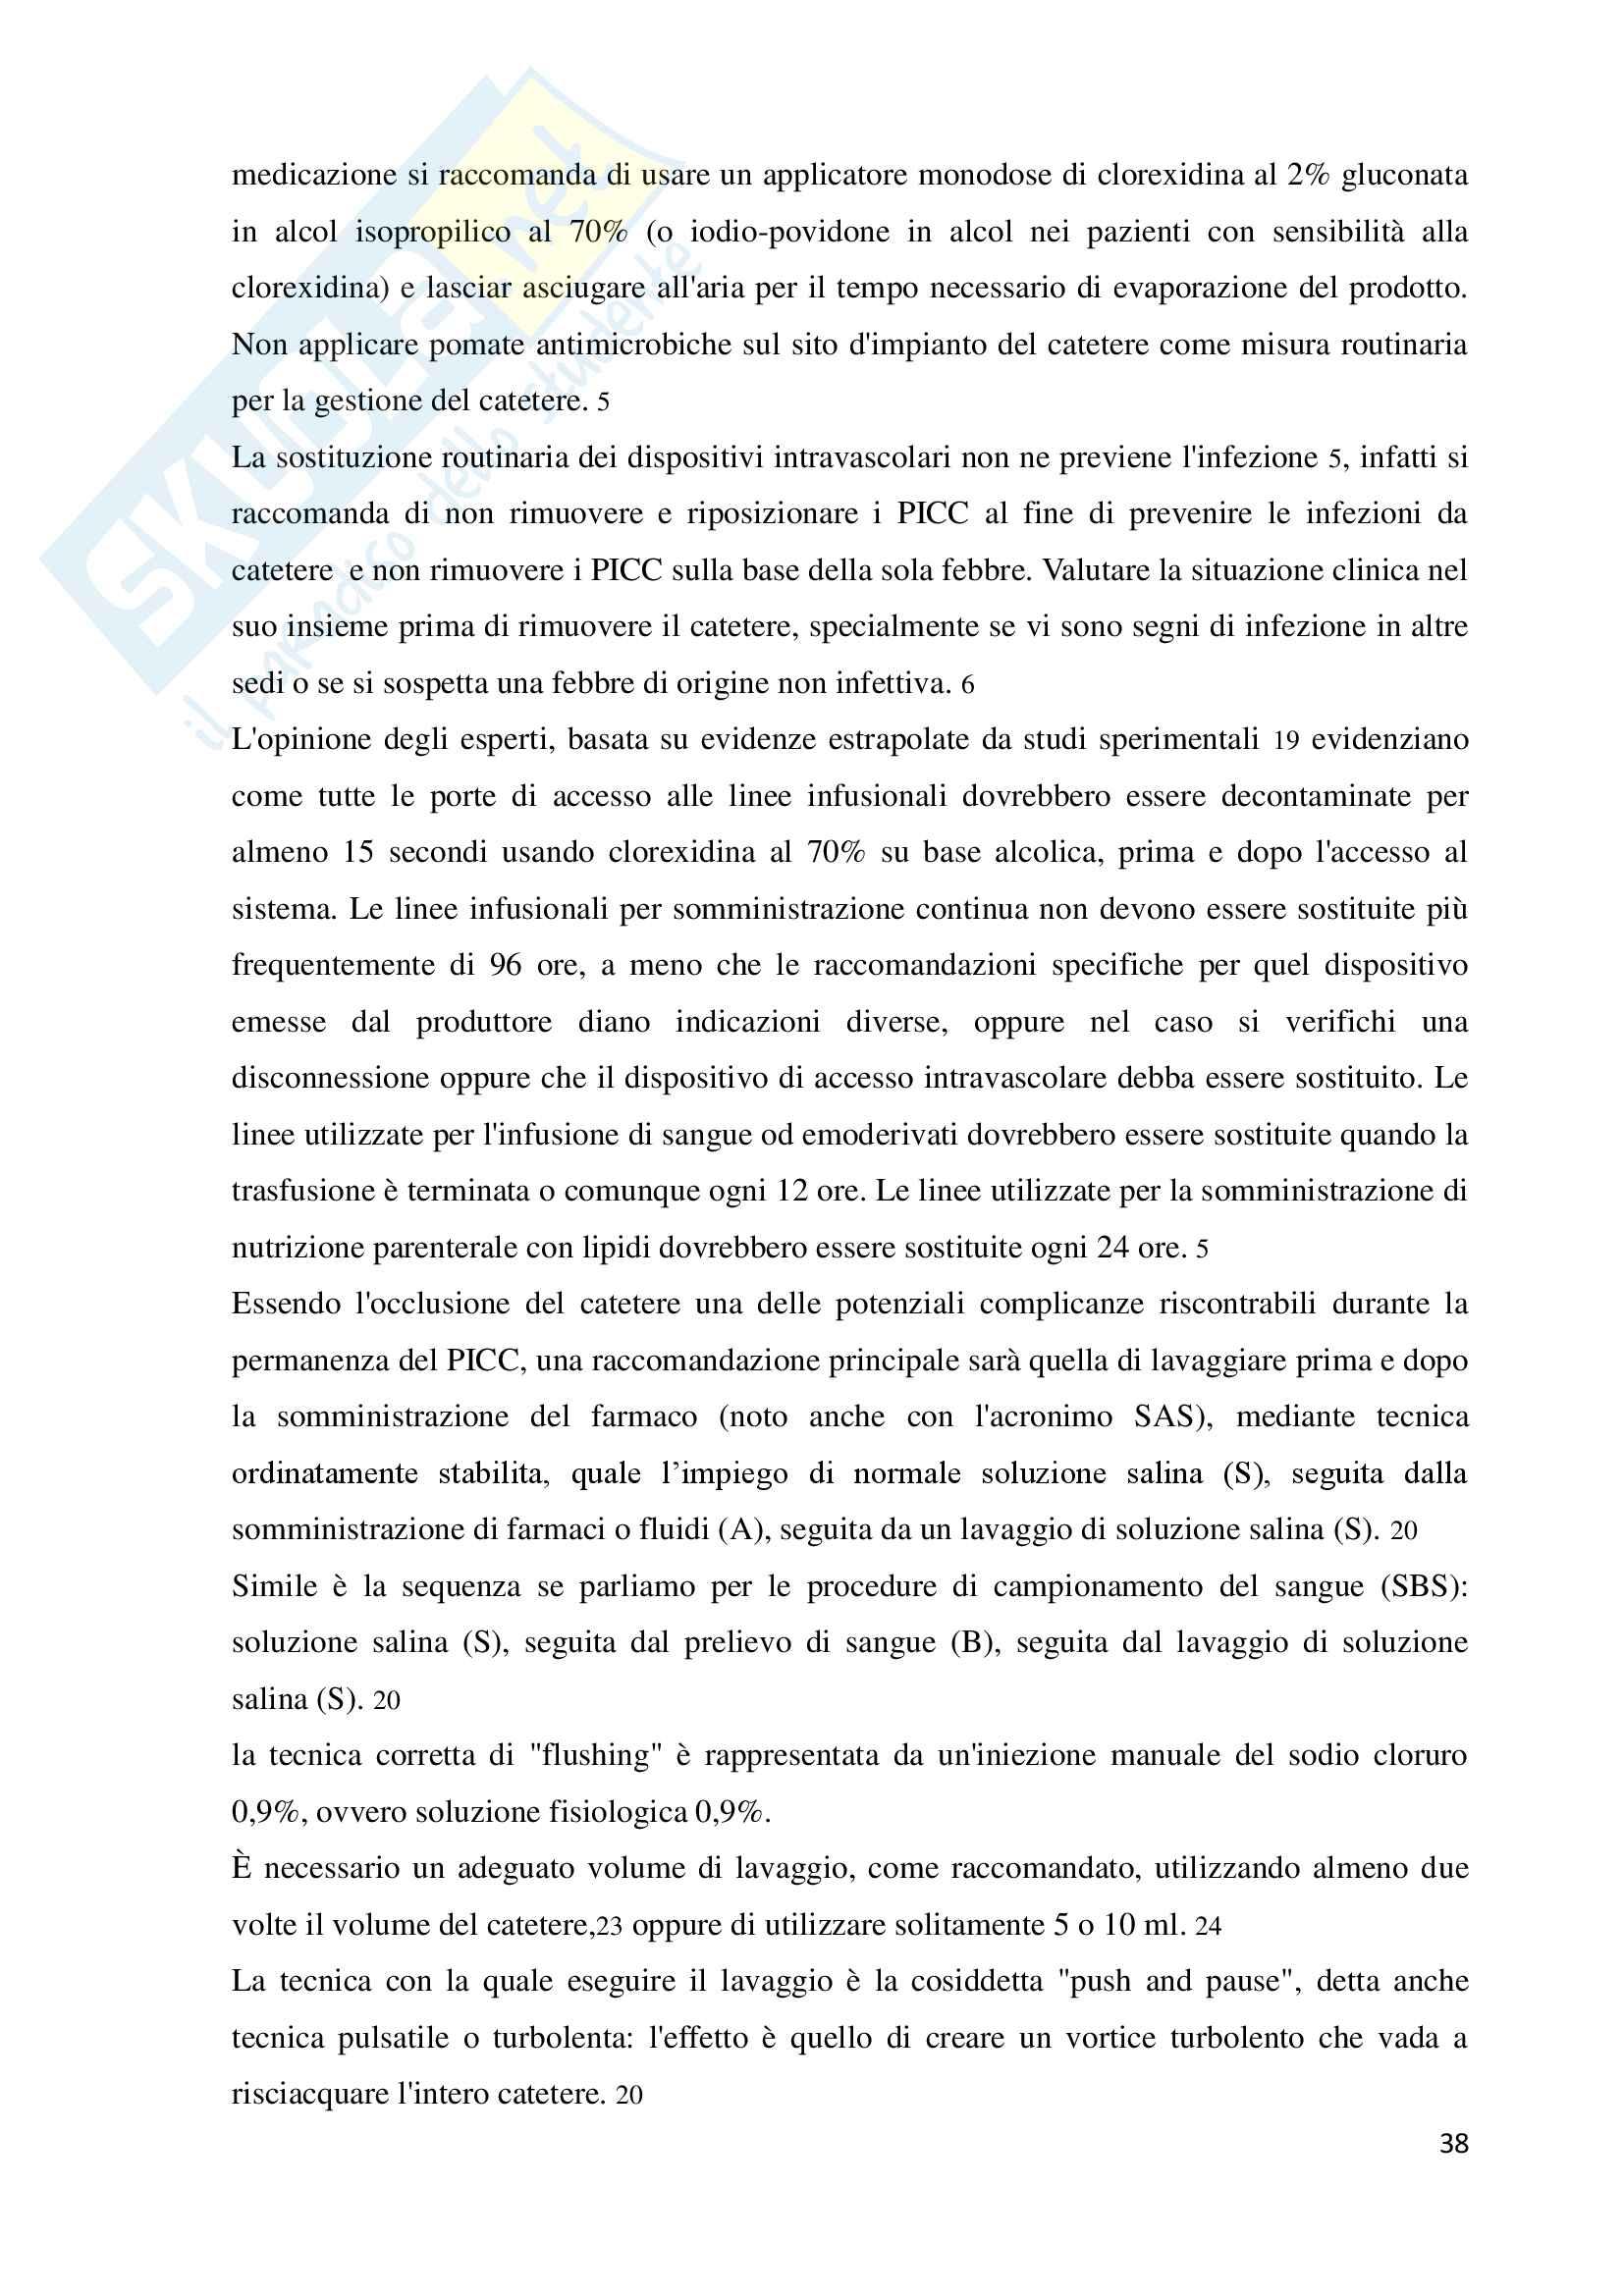 L'infermiere in evoluzione: impianto e gestione del PICC (Peripherally Inserted Central Catheter) Pag. 41